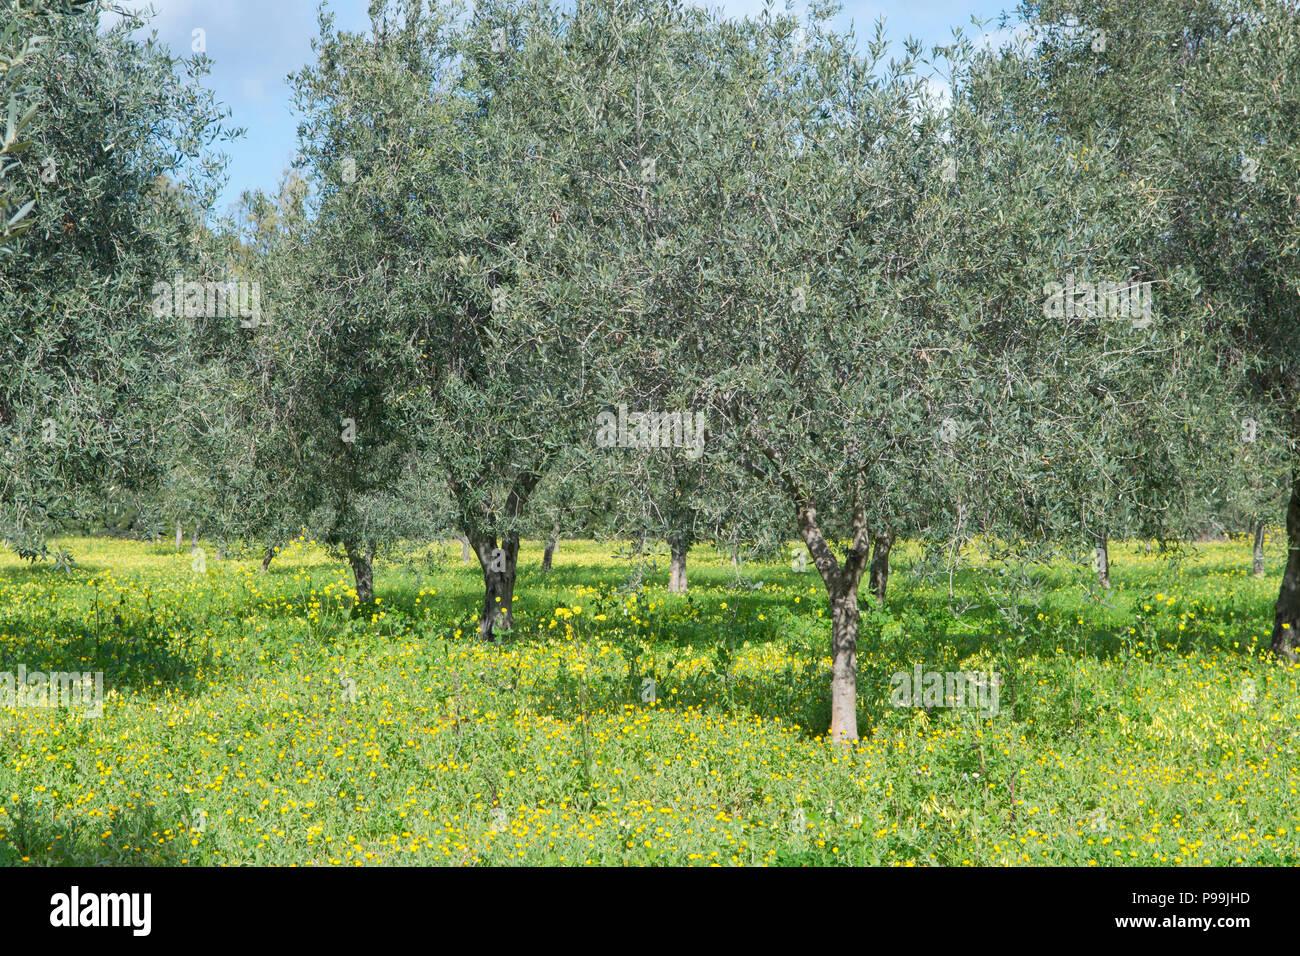 Fiori Gialli In Sardegna.Uliveti Fiori Gialli Cuglieri Sardegna Italia Foto Immagine